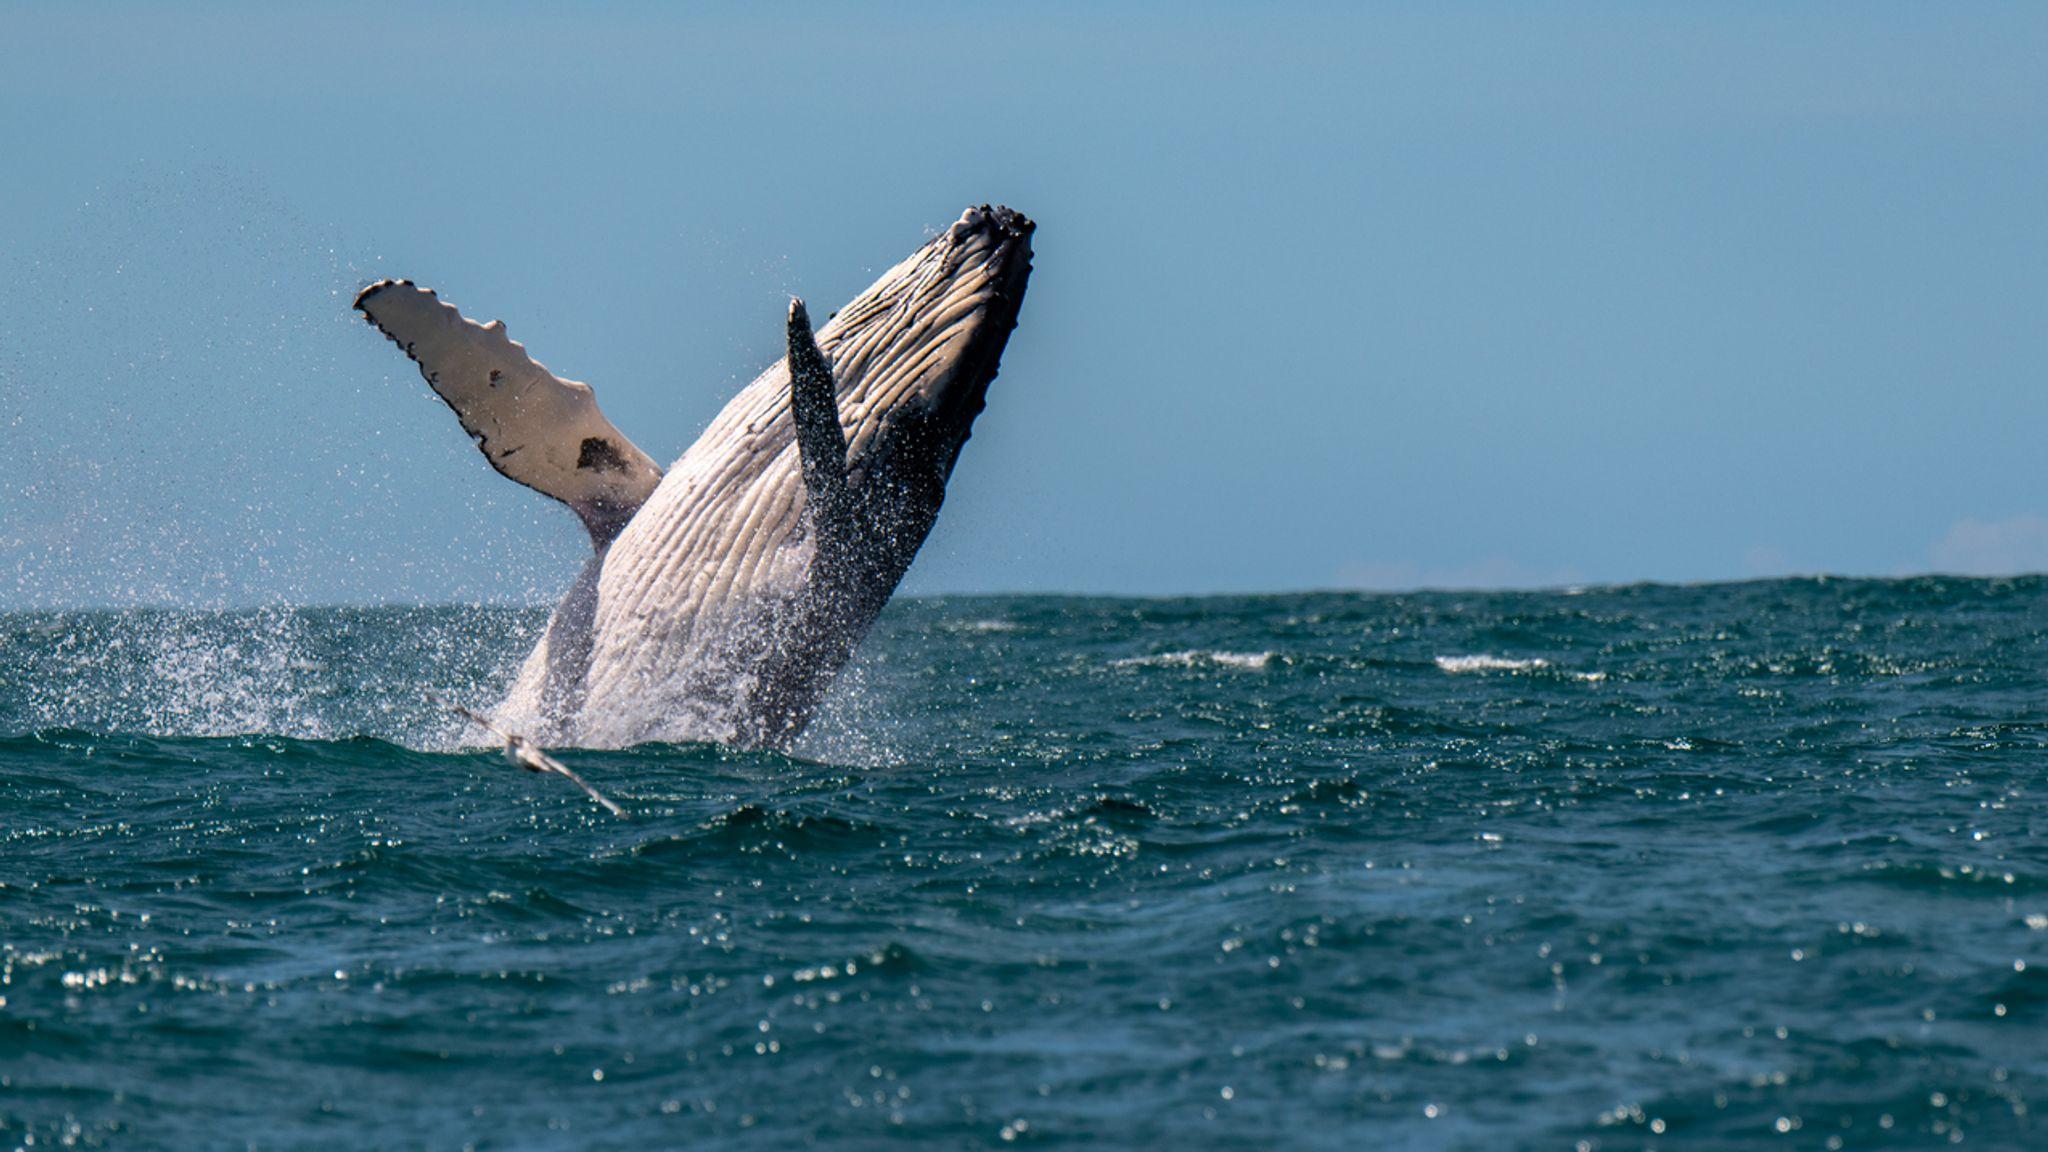 balinalar 296 489 280 dolar degerinde 600 milyon ripple xrp tasidi